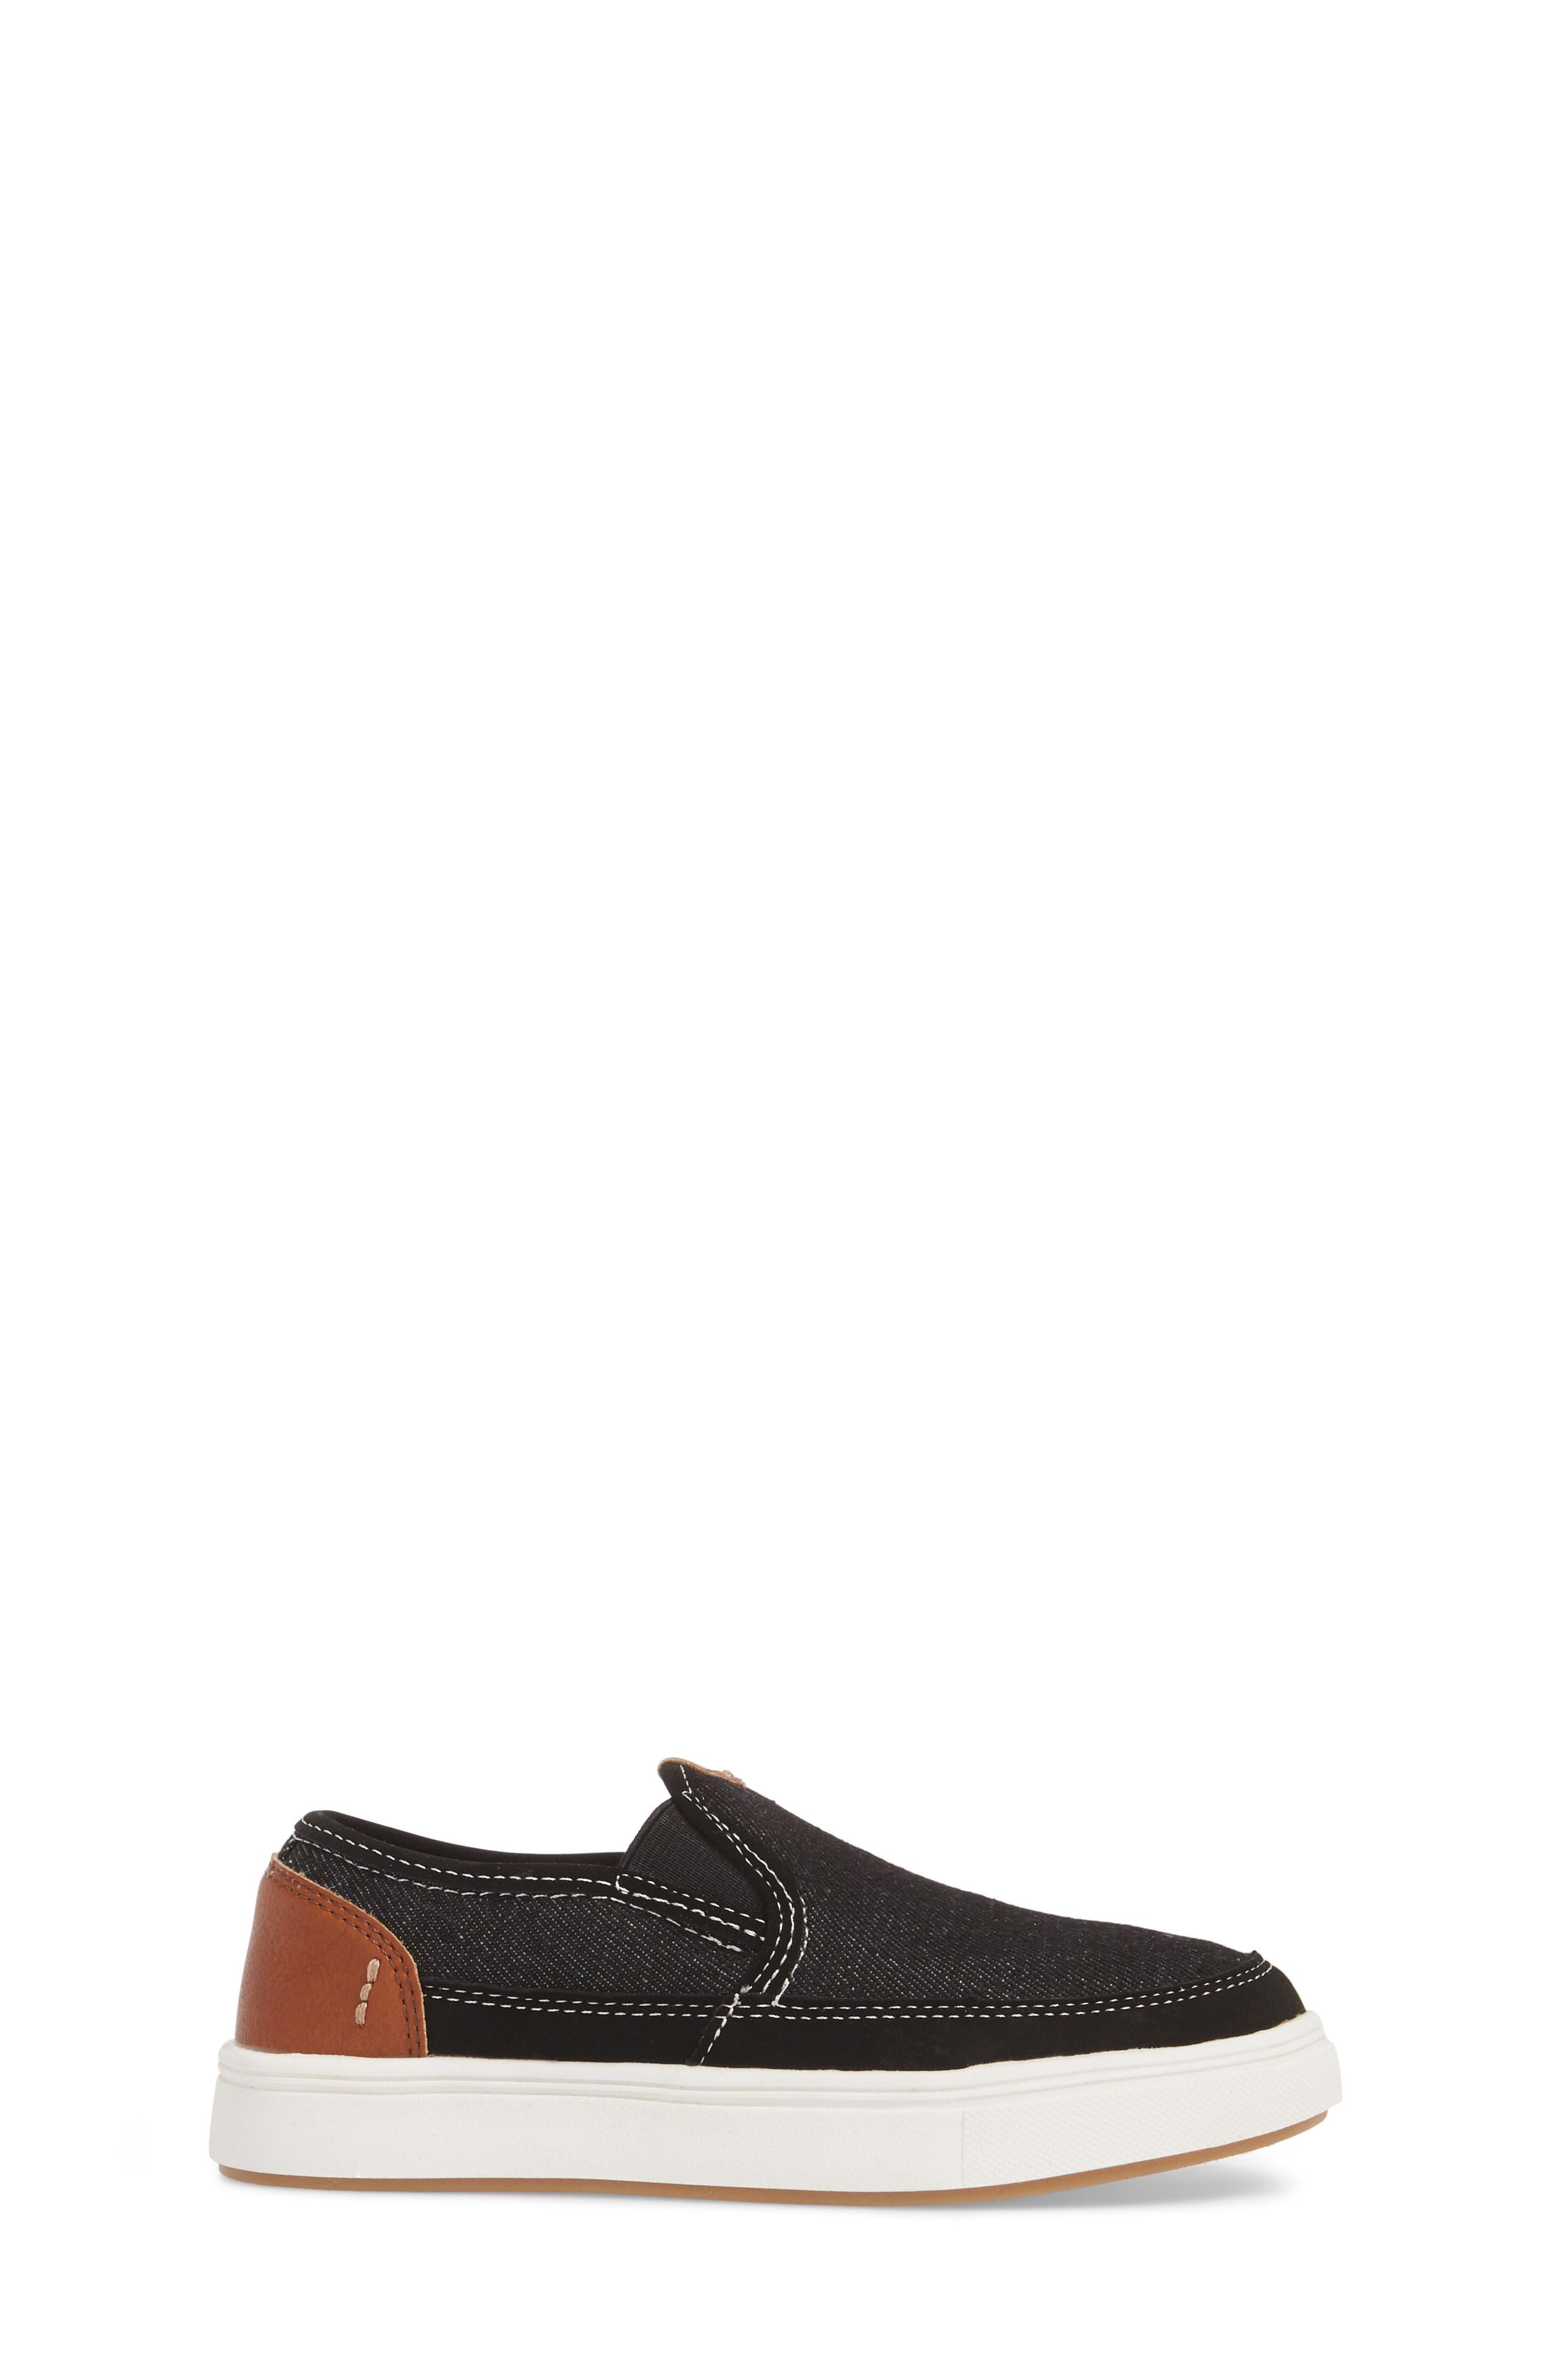 Bfoleeo Slip-On Sneaker,                             Alternate thumbnail 3, color,                             Black